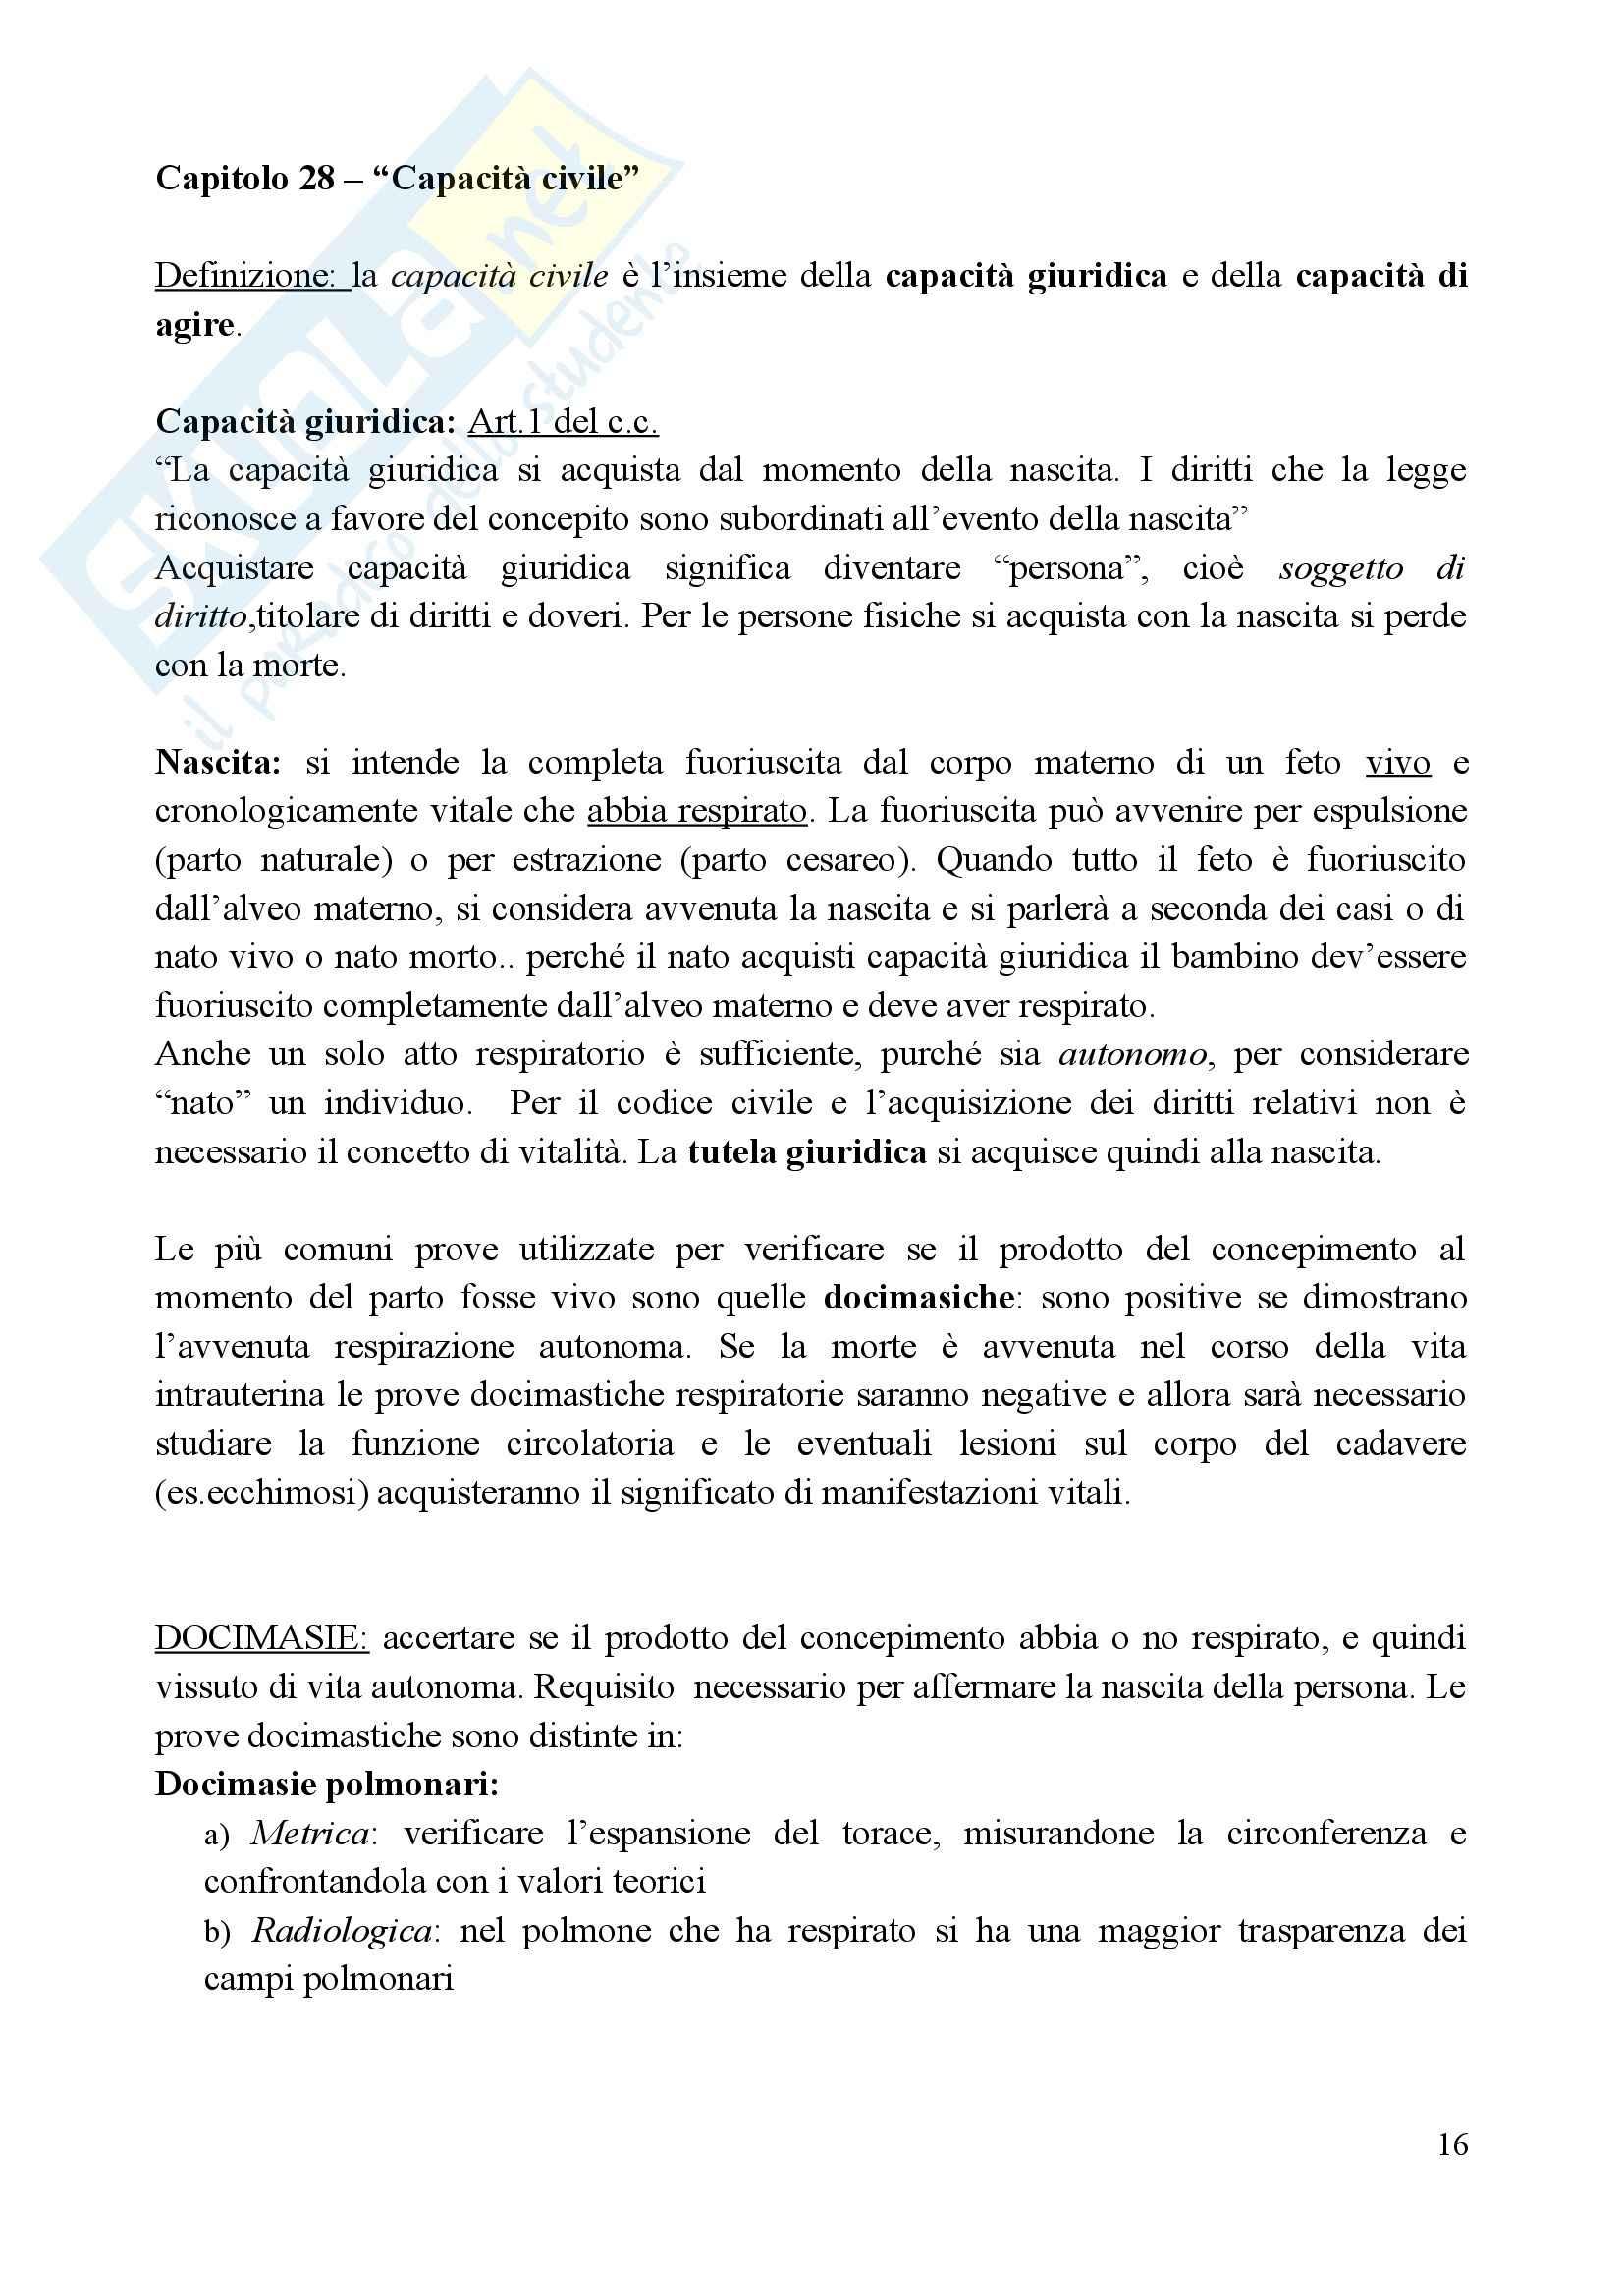 Medicina legale e delle Assicurazioni - il metodo med-legale Pag. 16